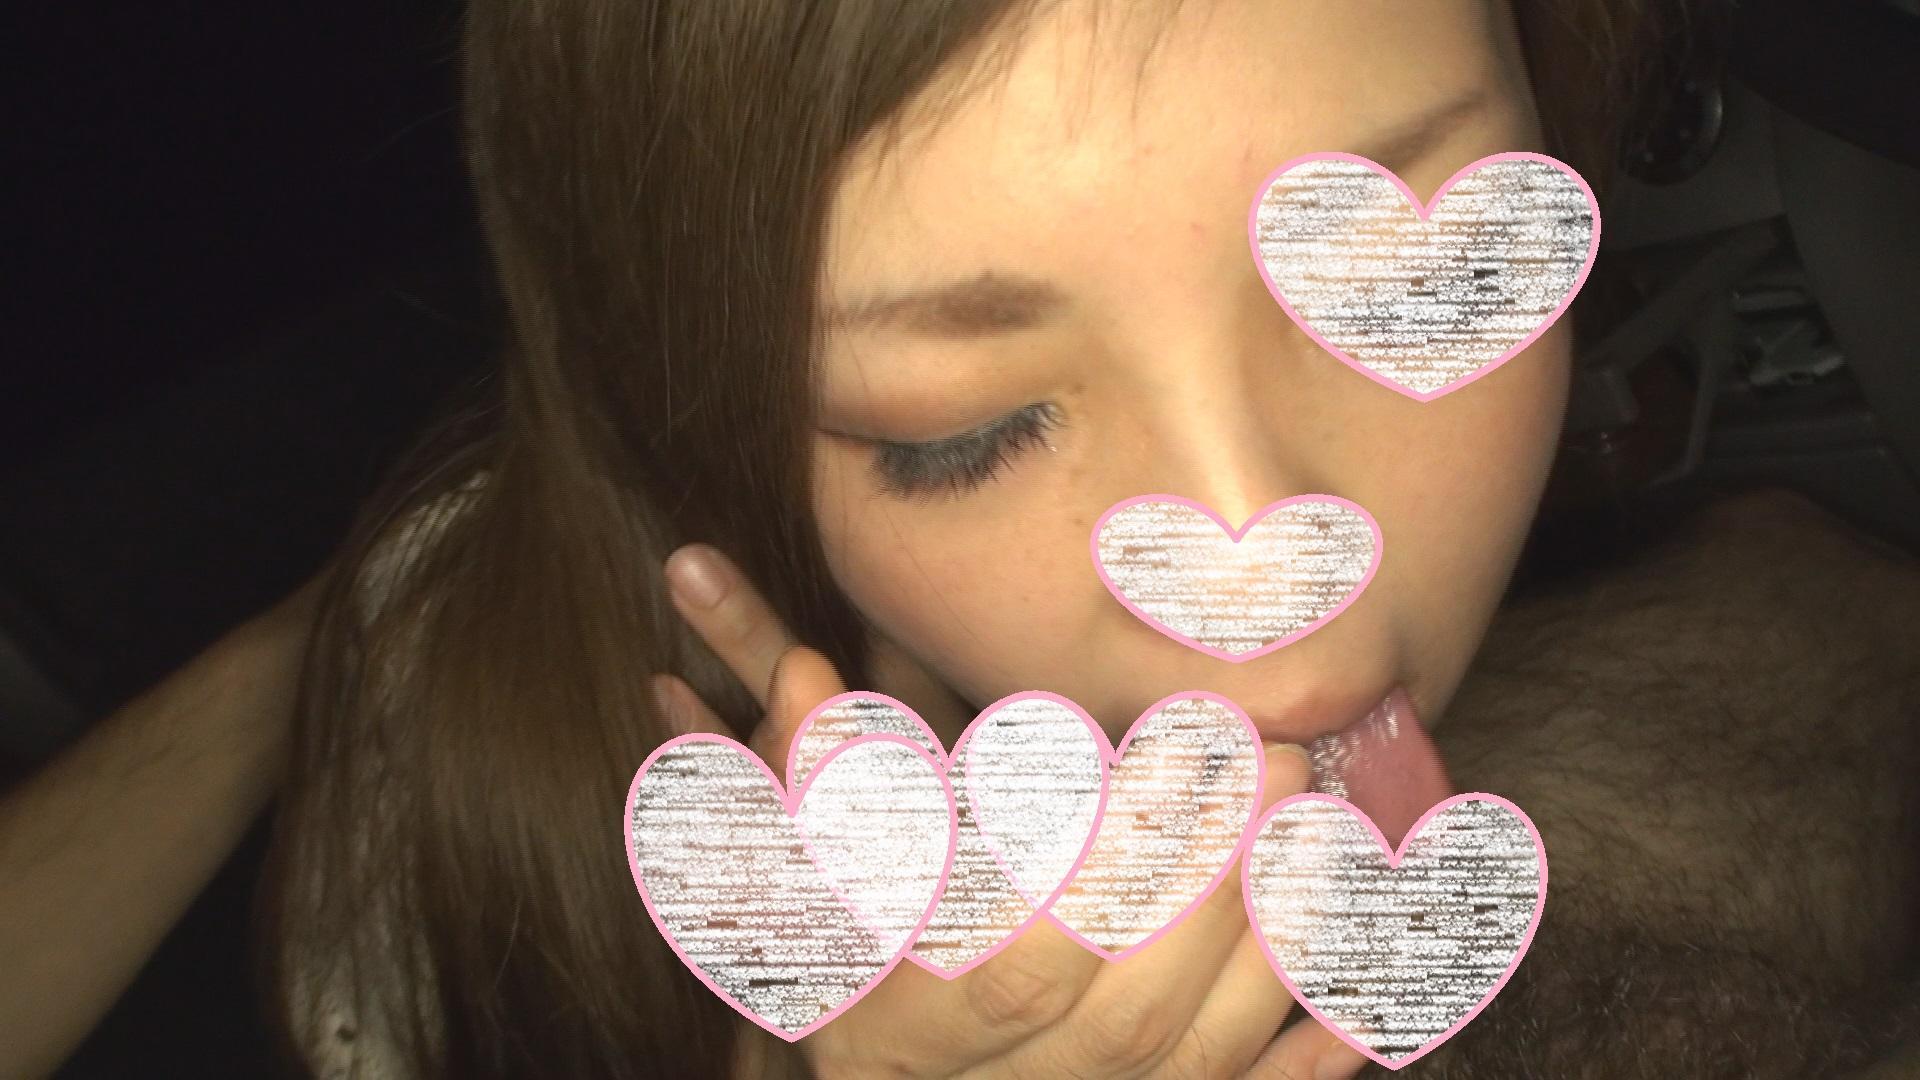 【個人撮影】カーSEX 狭い空間で交わり中出しされる女